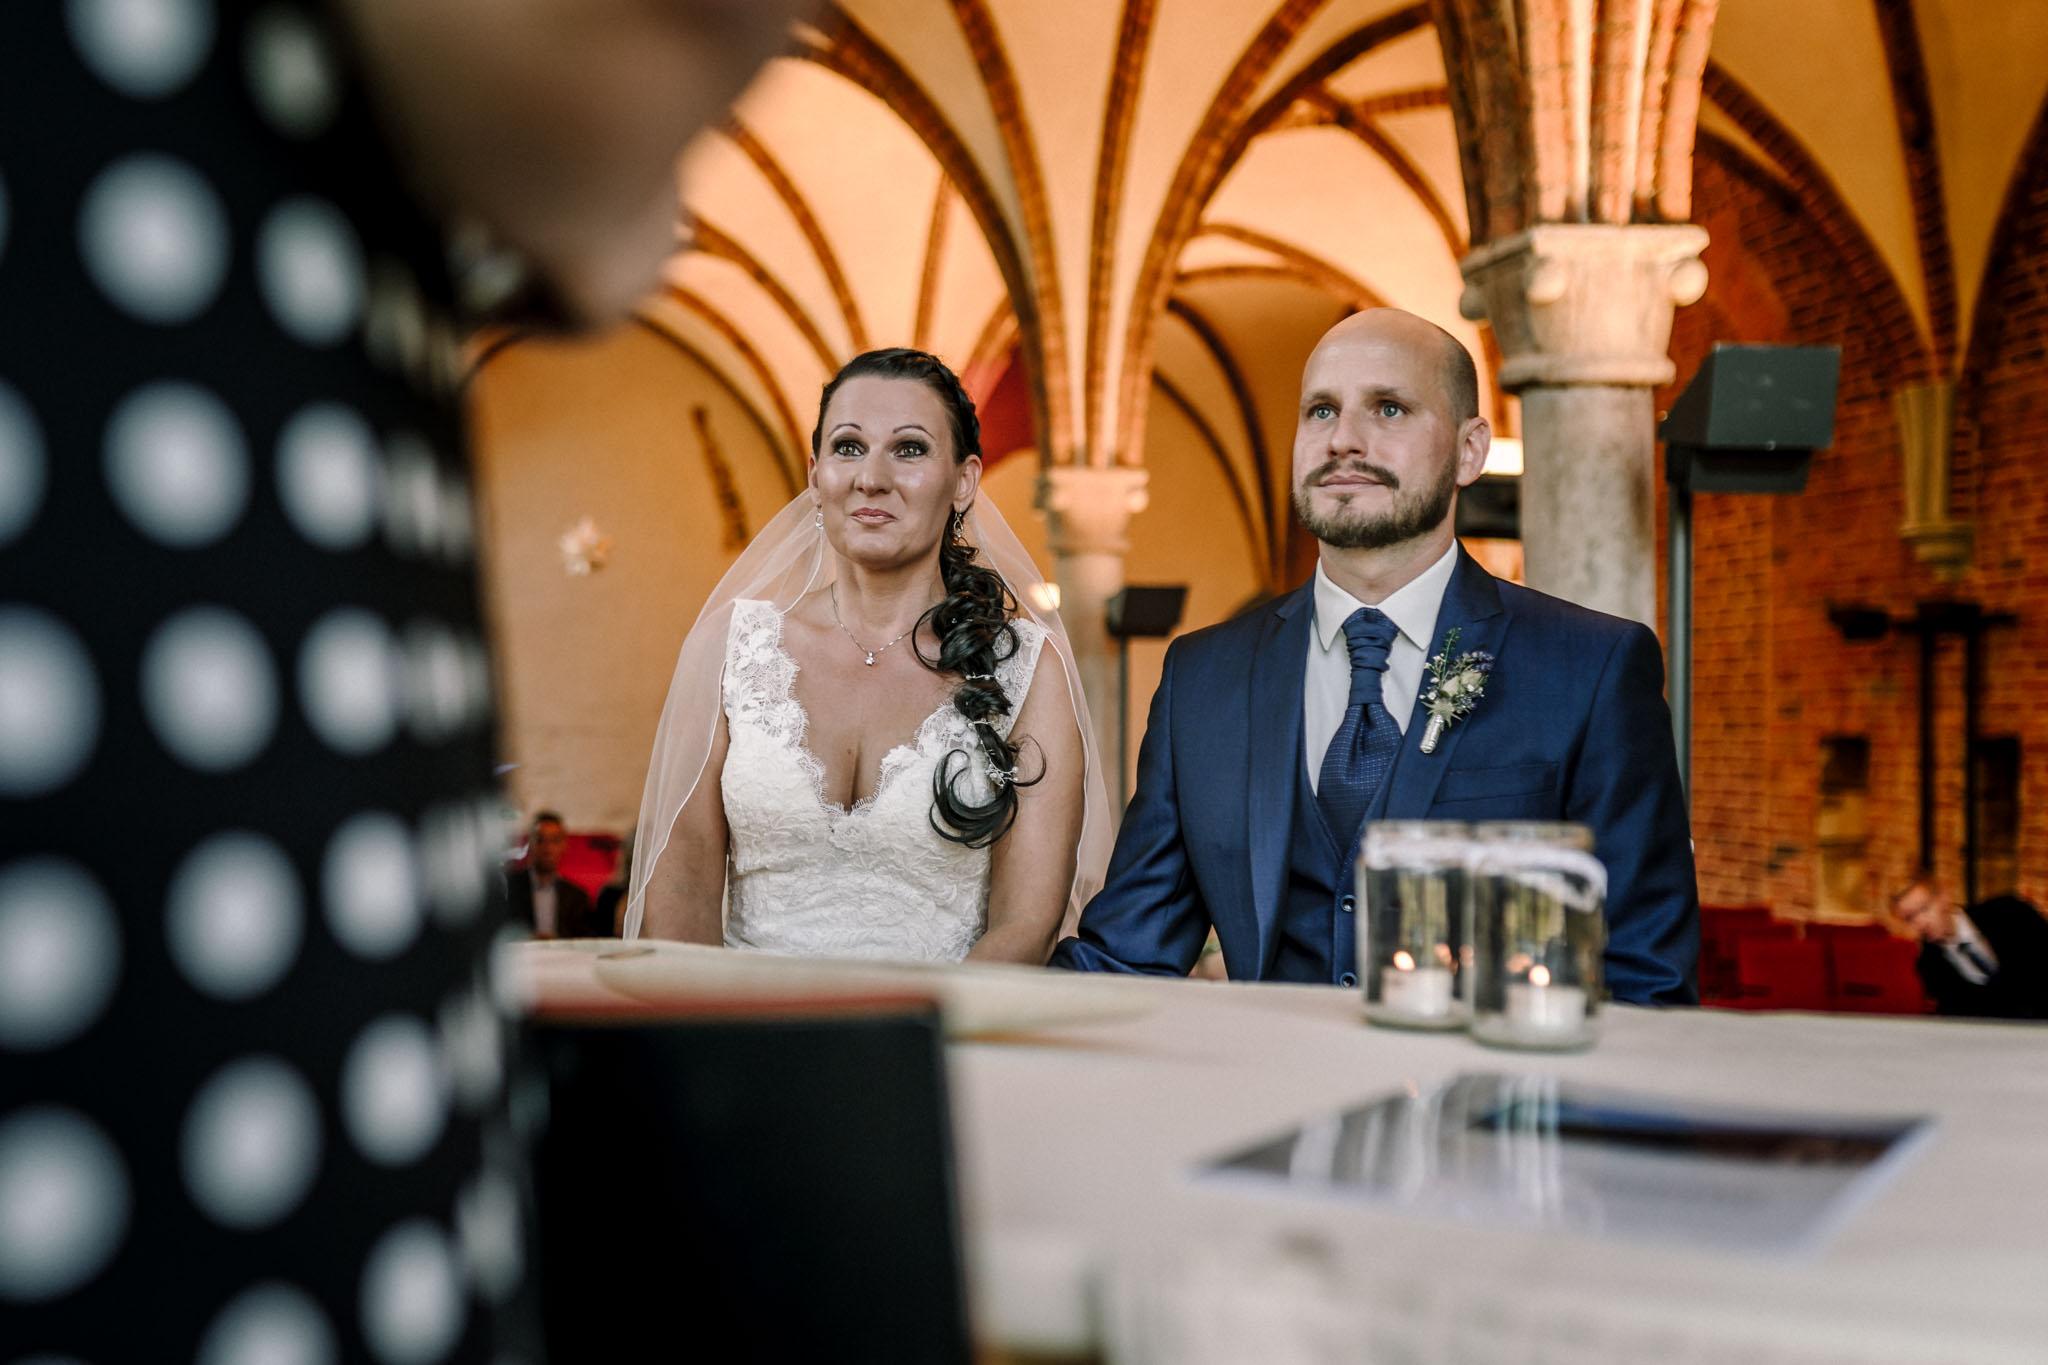 Hochzeitsfieber by Photo-Schomburg, Hochzeitsfotograf, Hamburg,Hochzeitstag, Hochzeitspaar, Braut, Bräutigam, Literaturhauscafe Zarrentin-23